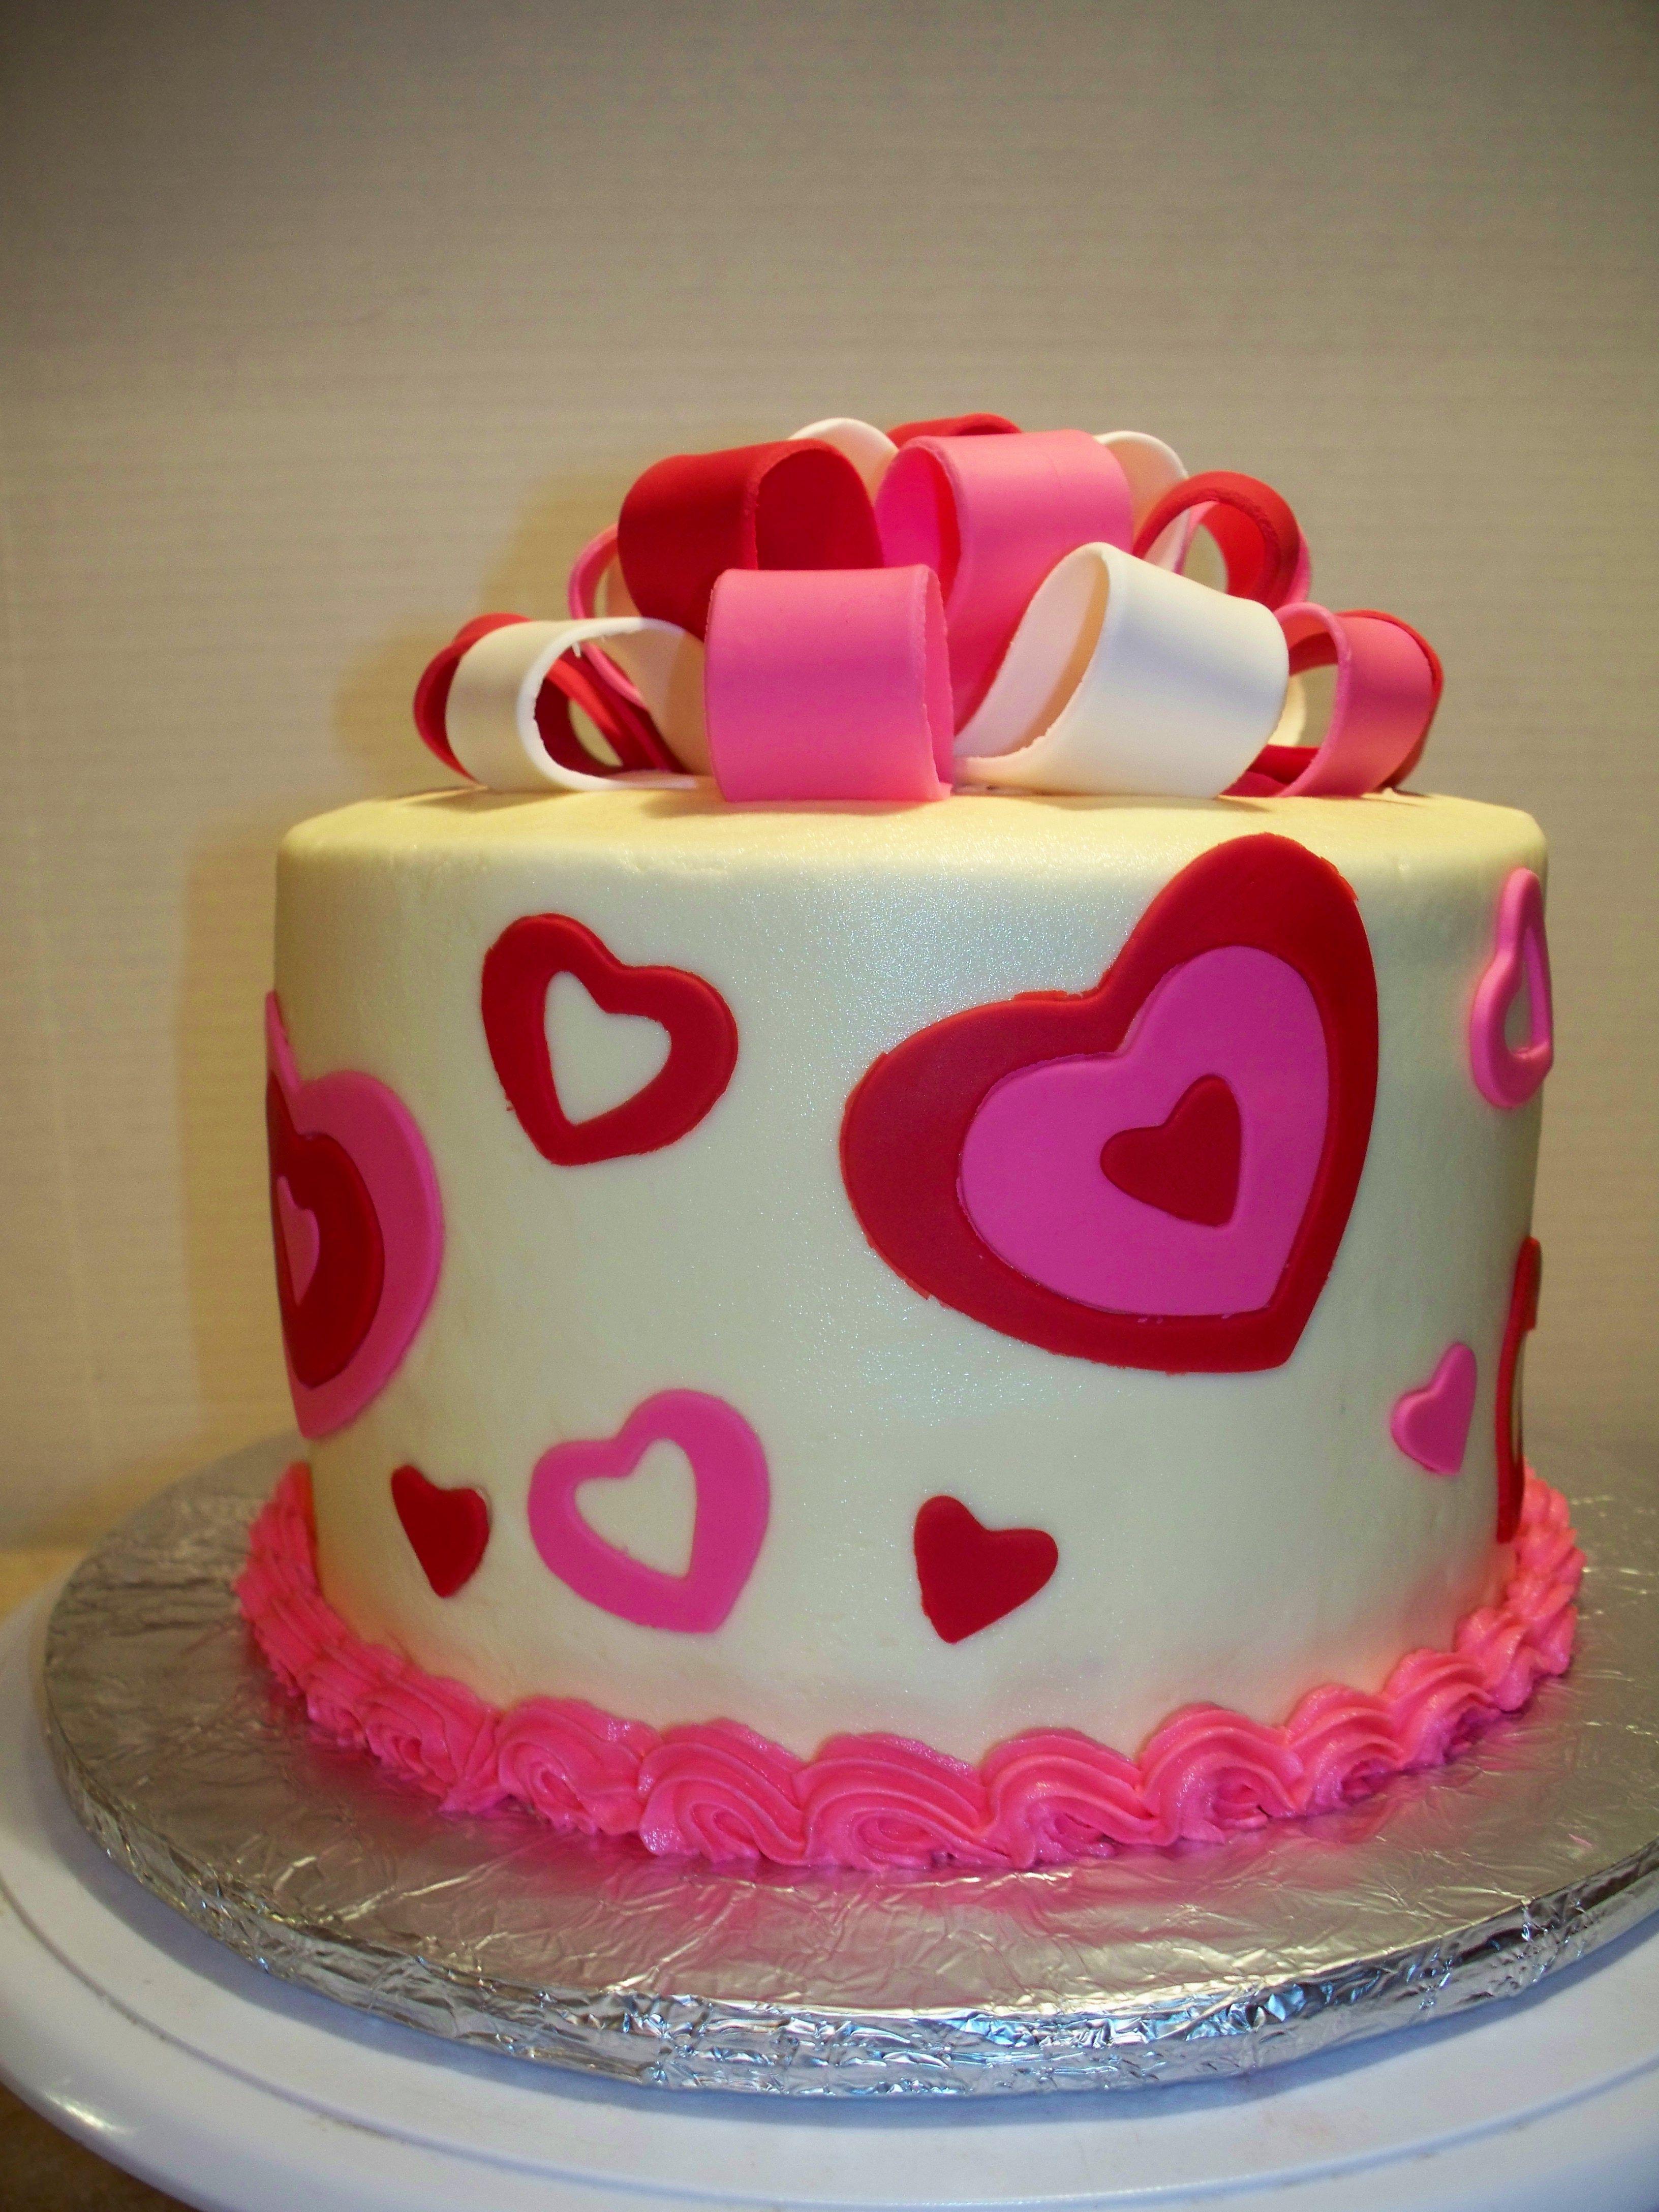 Enjoyable Valentines Day Cake Valentines Day Cakes Novelty Birthday Funny Birthday Cards Online Alyptdamsfinfo